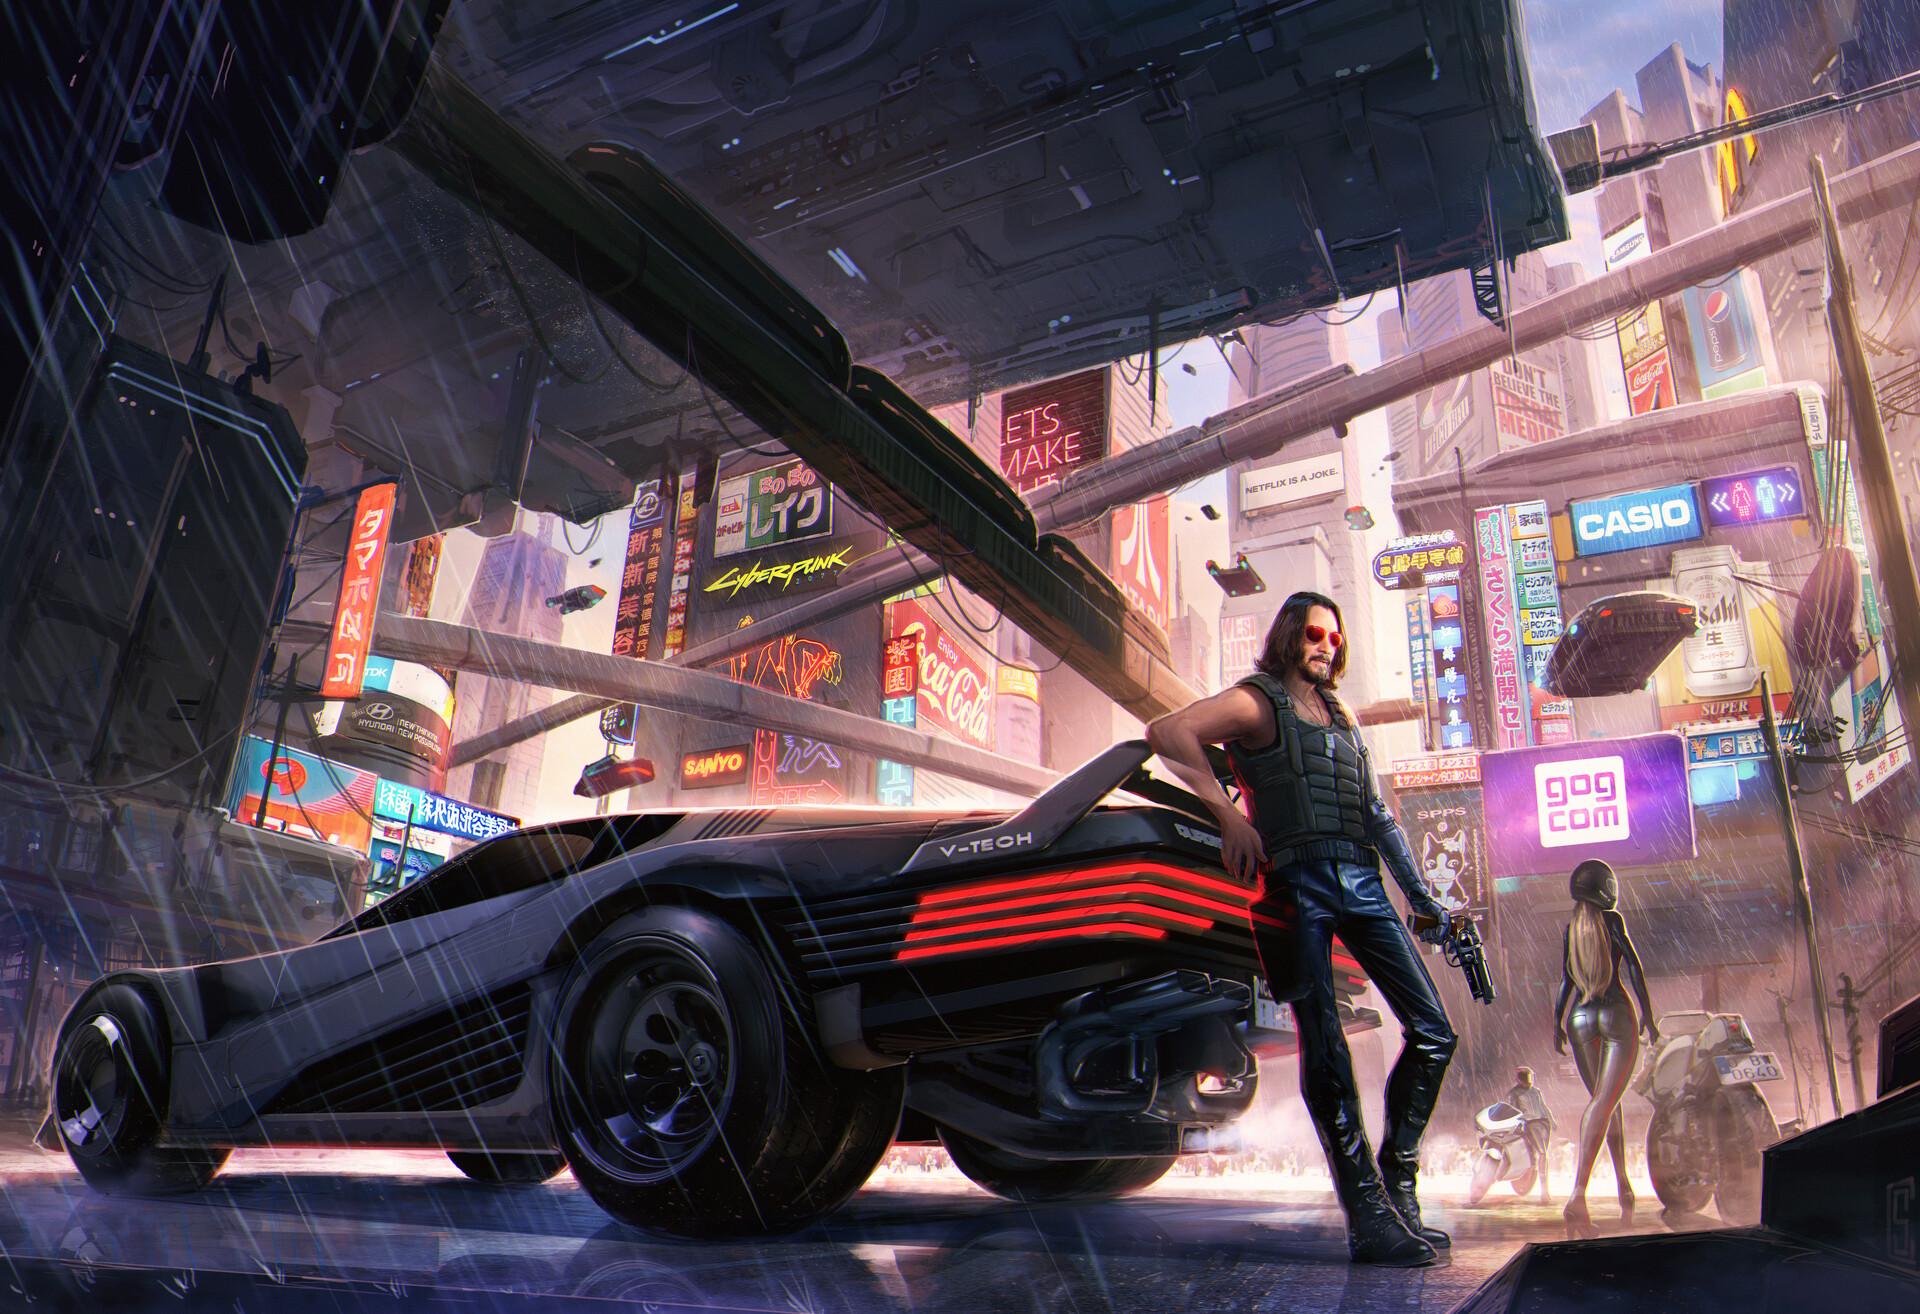 Cyberpunk-2077-Игры-game-art-Киану-Ривз-5335128.jpeg - Cyberpunk 2077